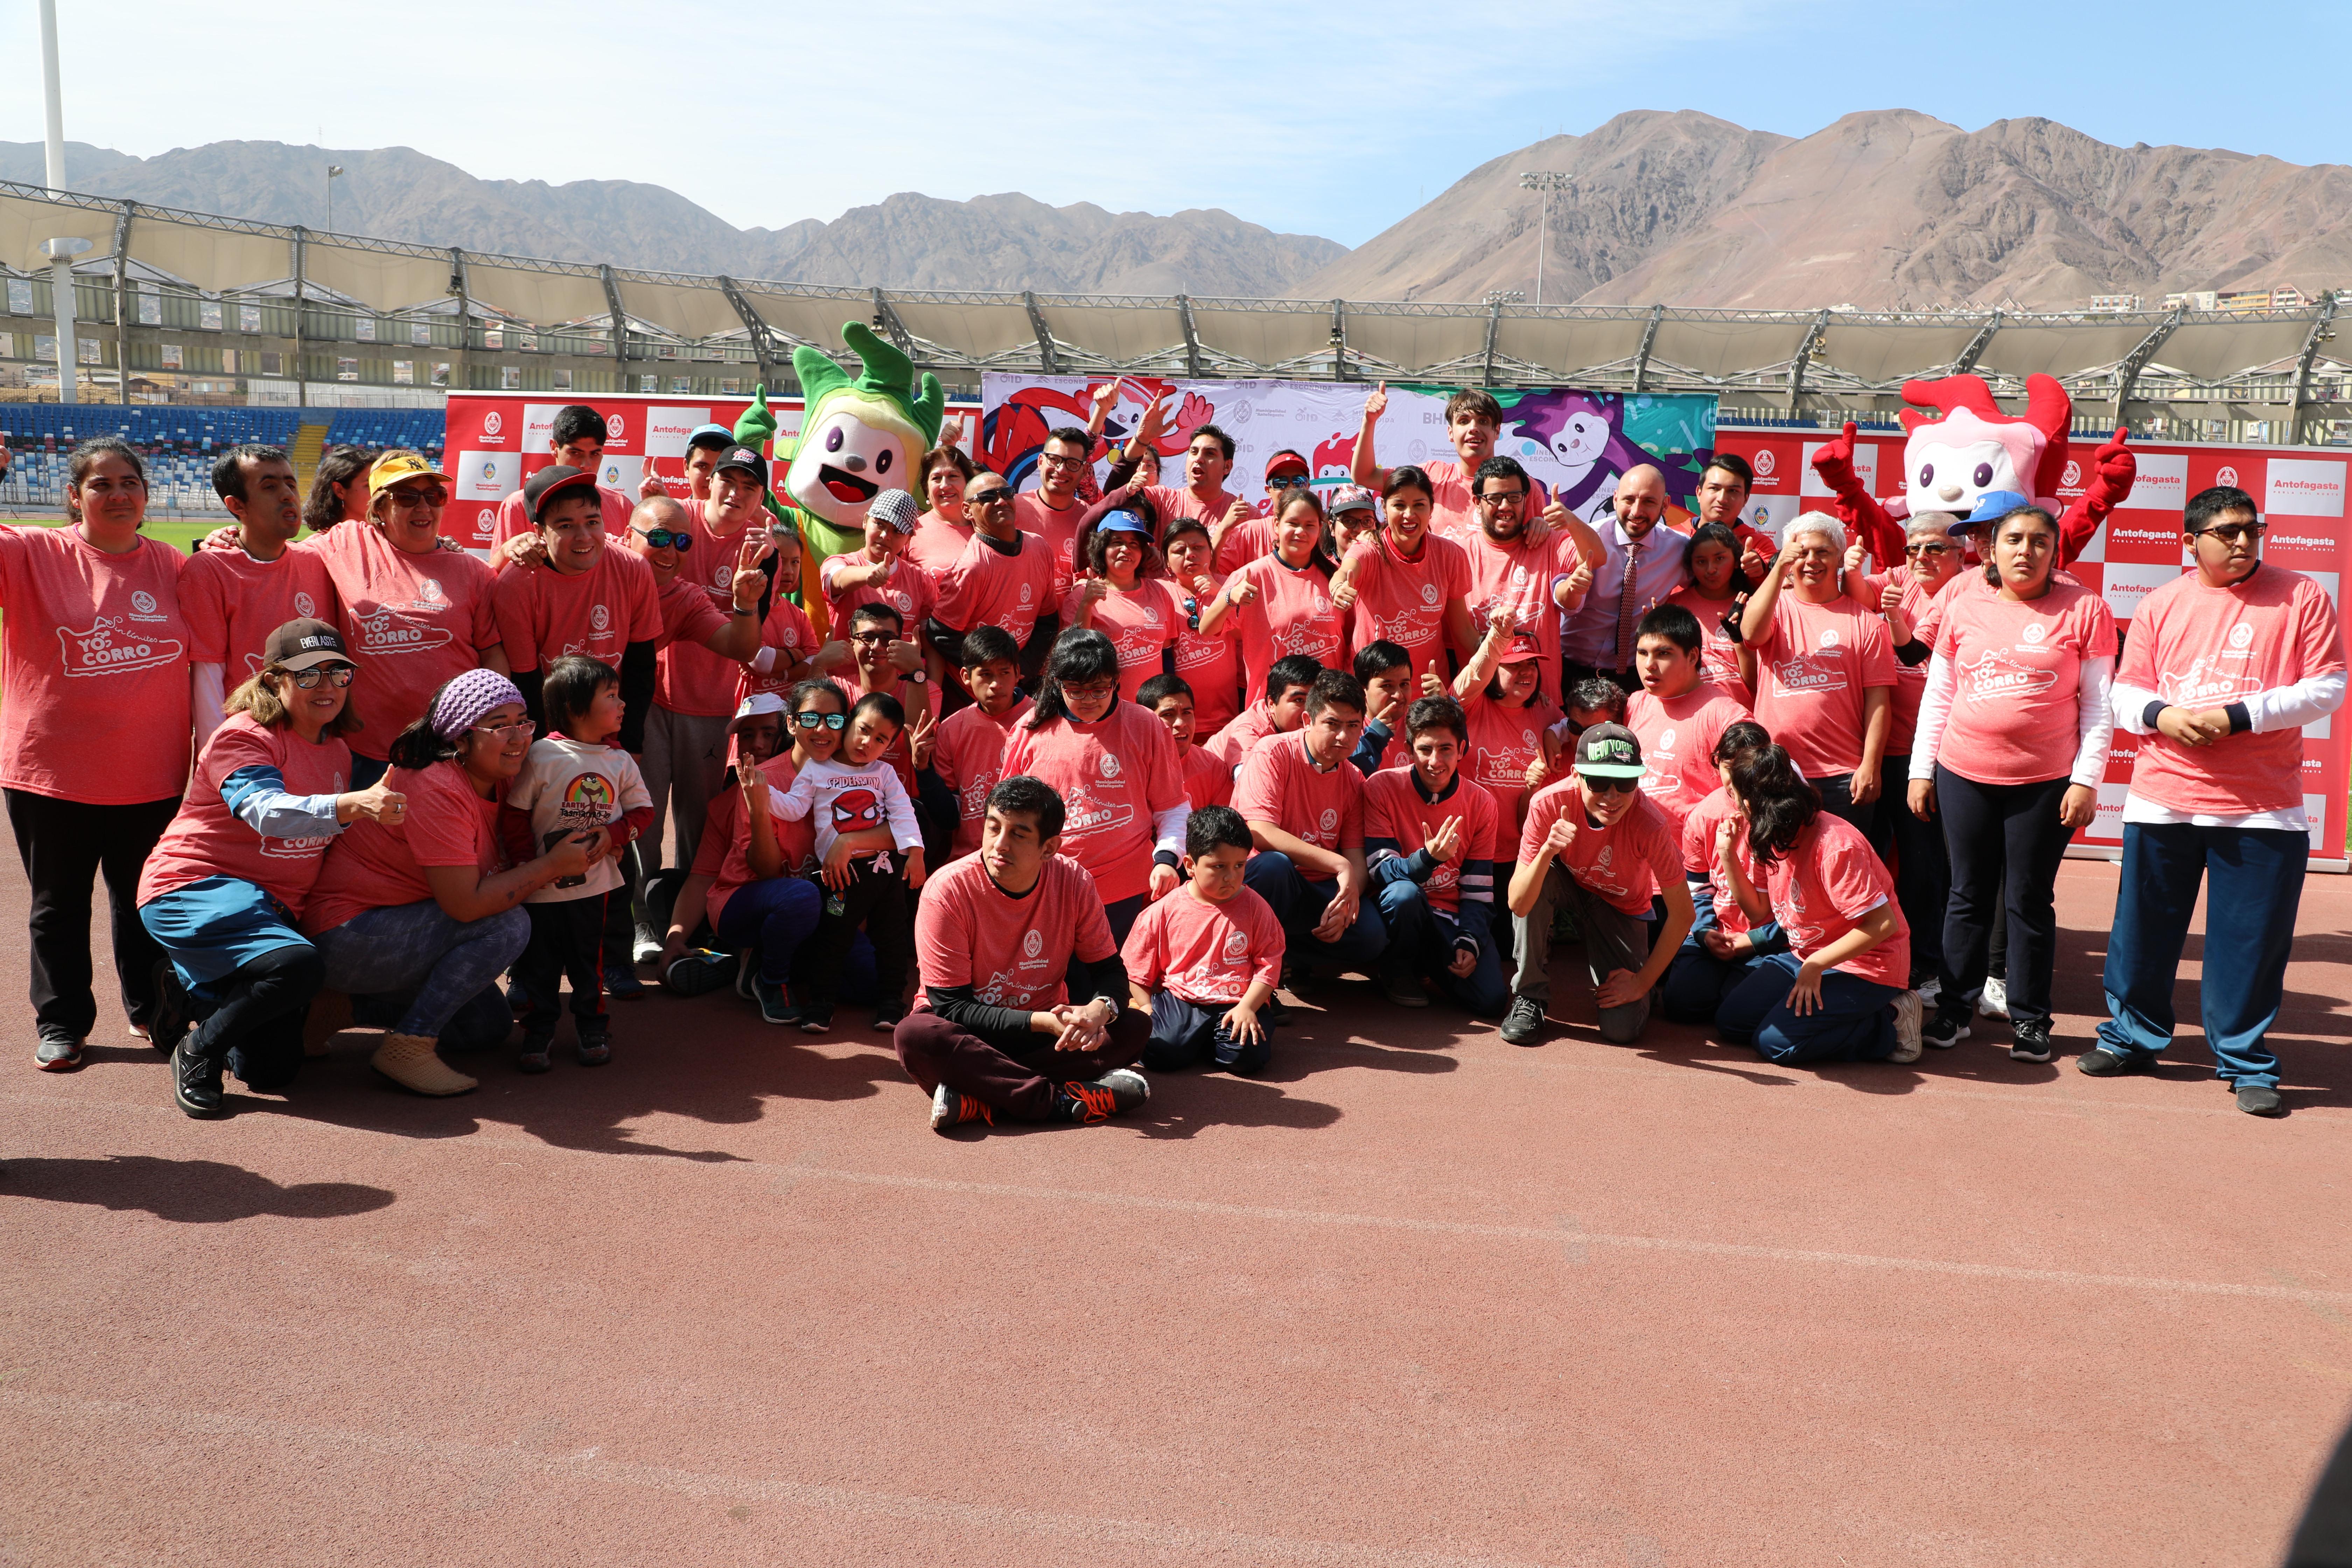 Juegos Paralímpicos 2018 | Municipalidad de Antofagasta